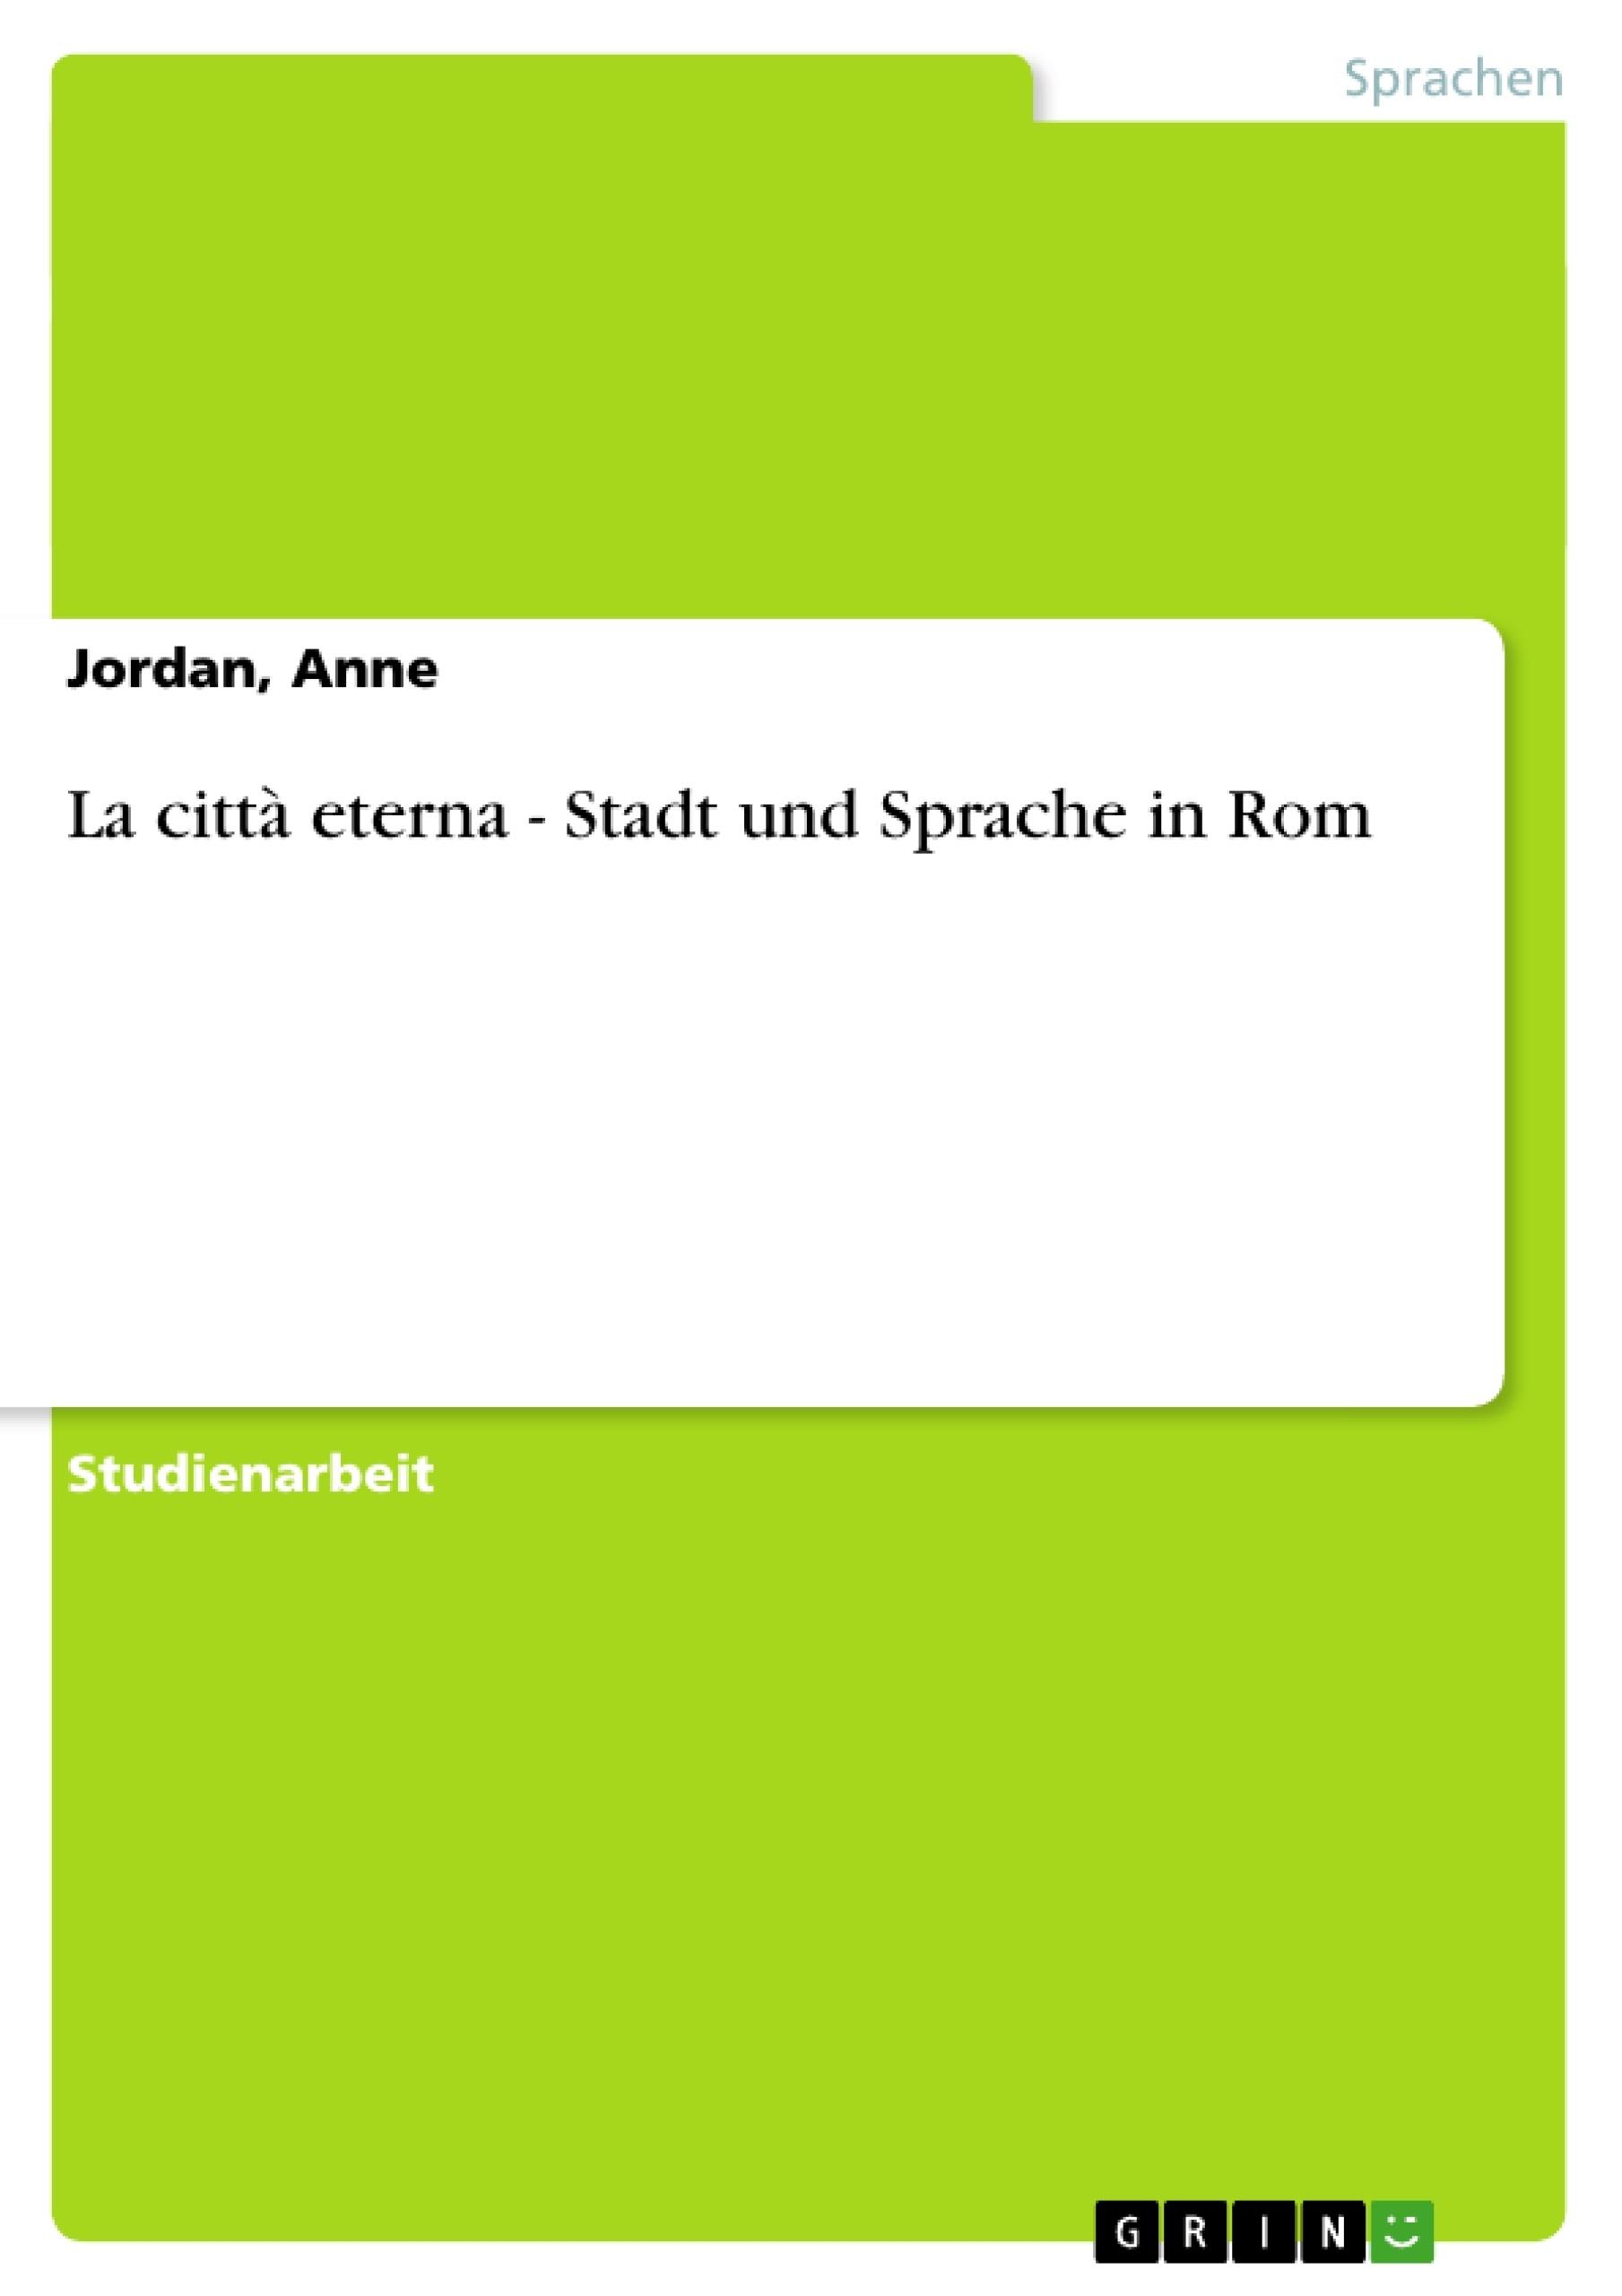 Titel: La città eterna - Stadt und Sprache in Rom